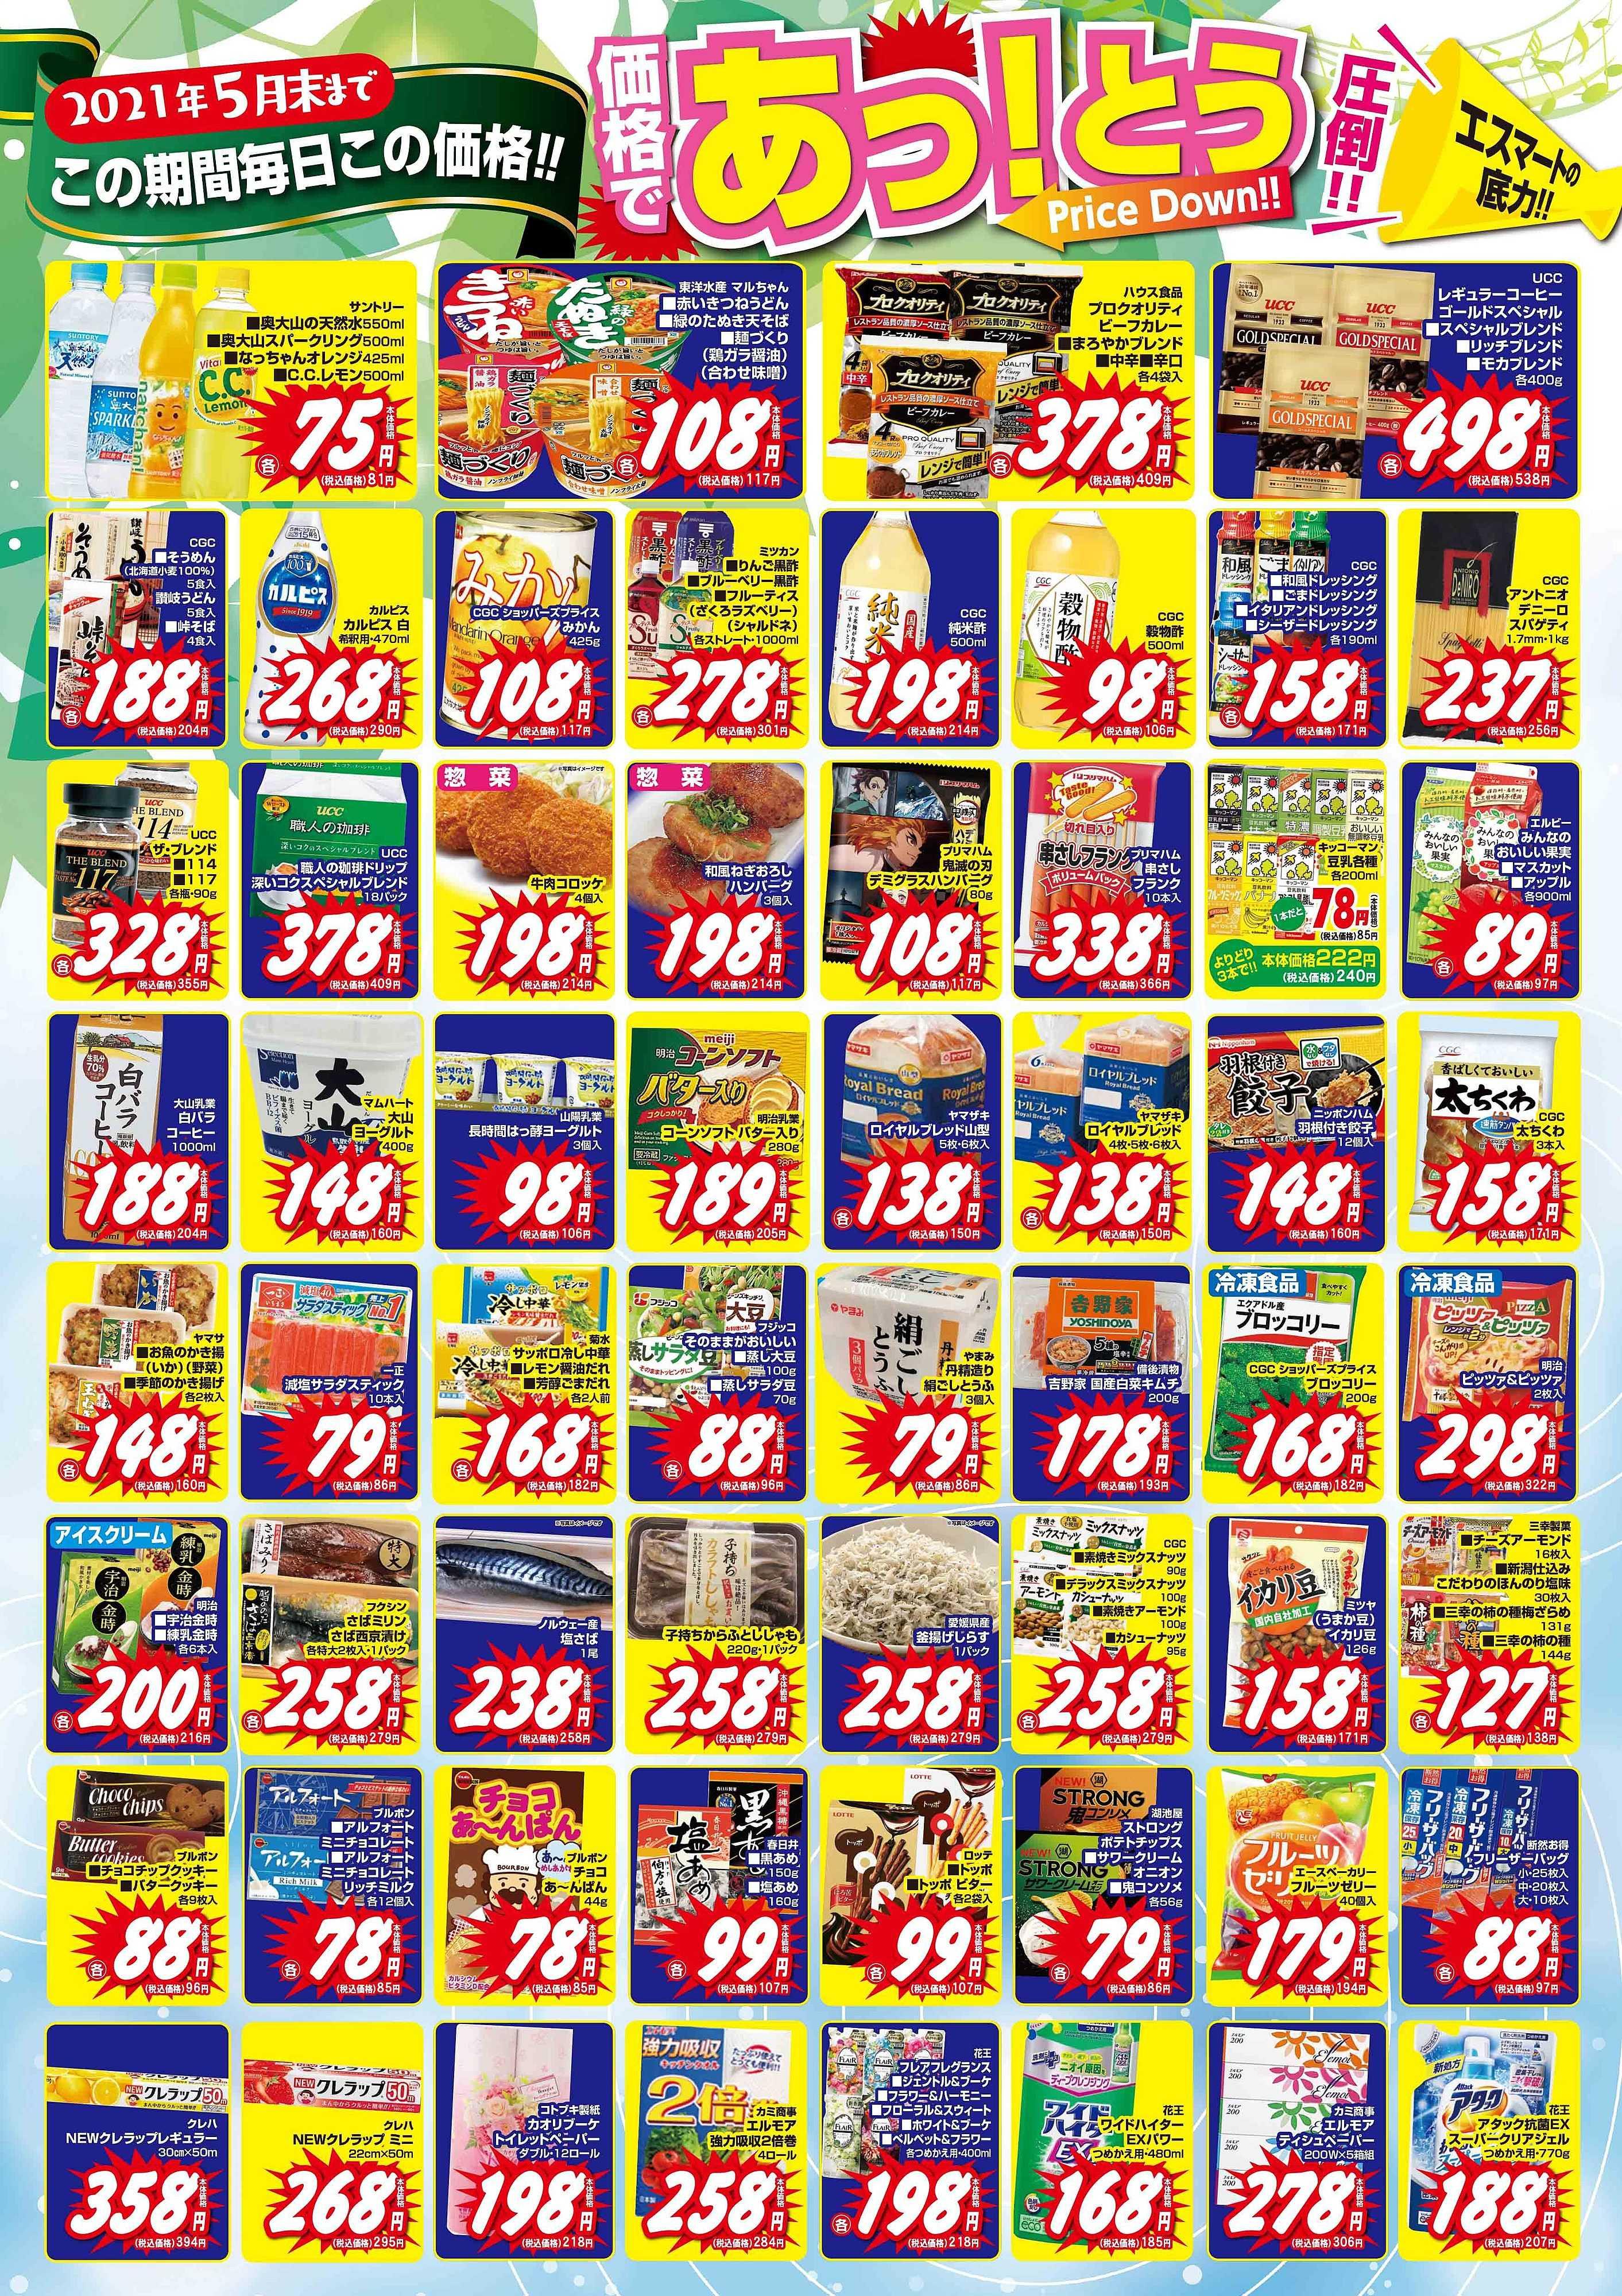 エスマート 5月の100品目値下げ!  あっ!とう価格